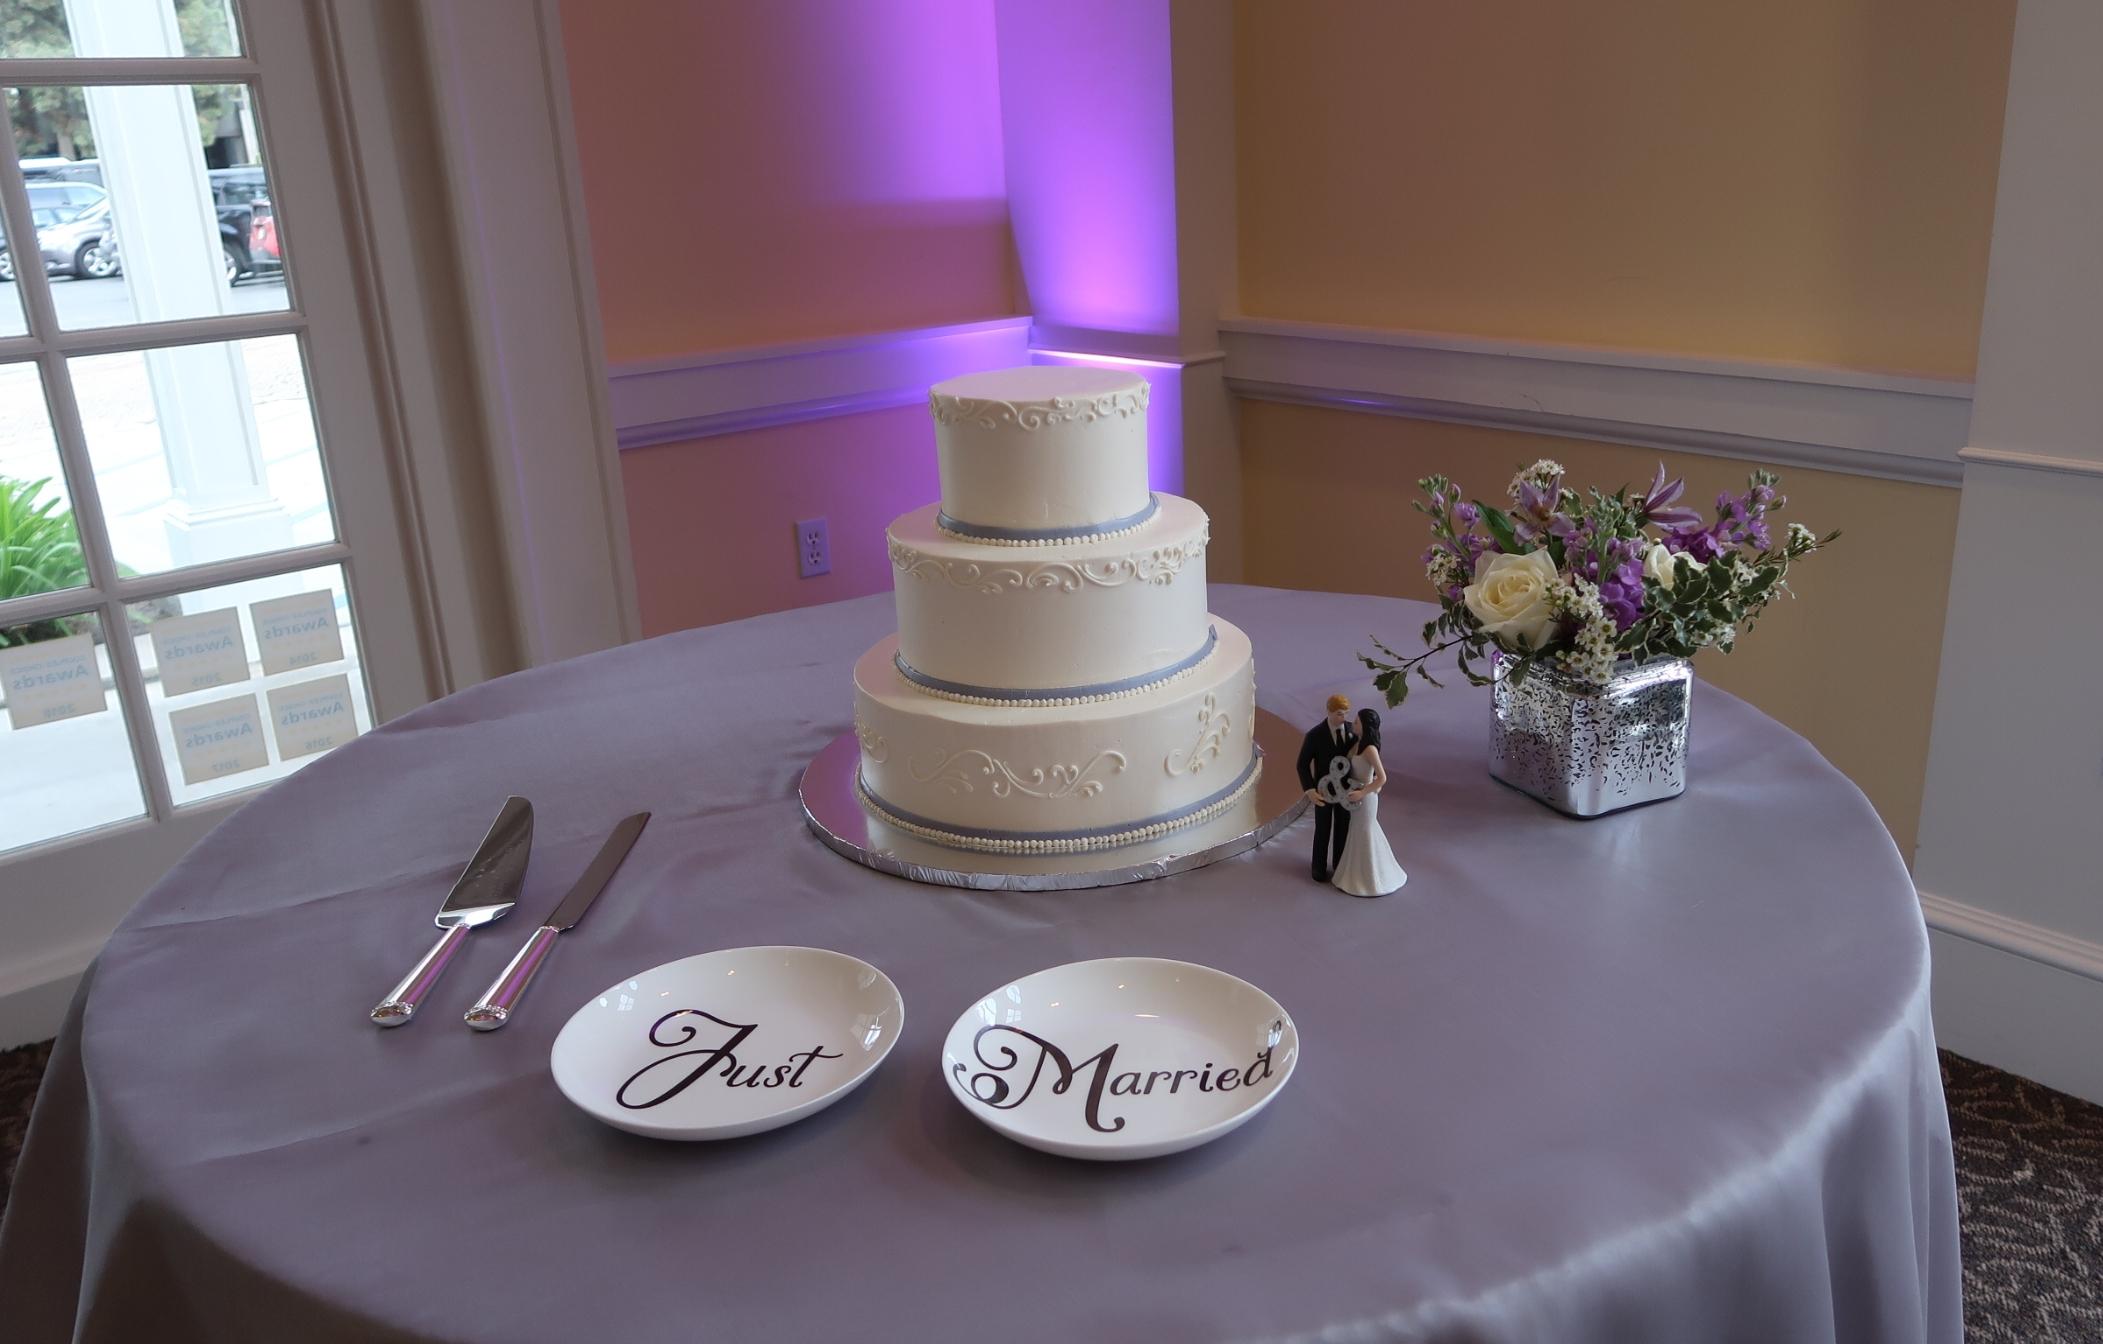 Up-lighting and cake